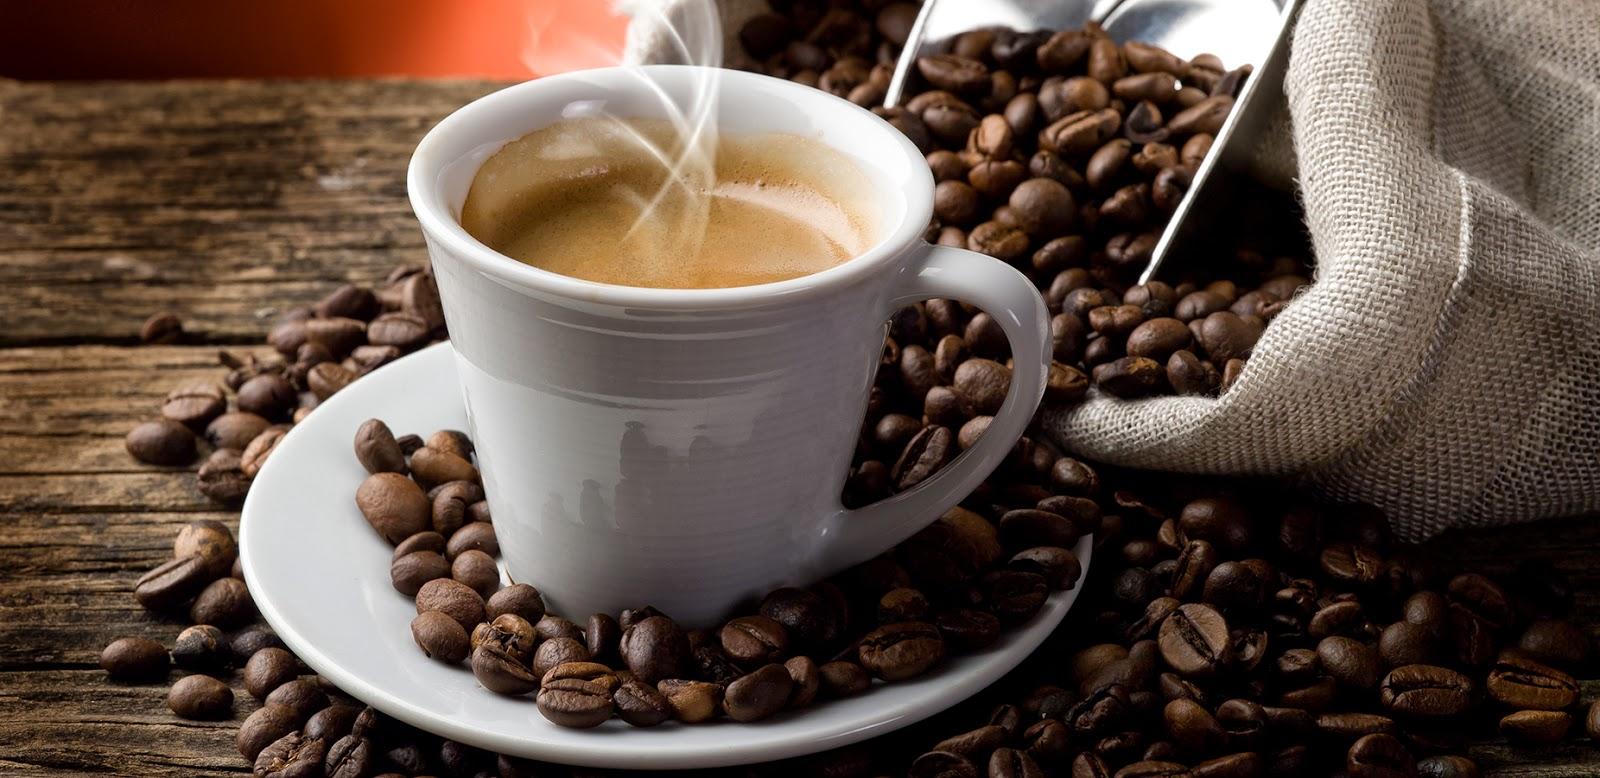 Лица регулярно потребляющие кофе